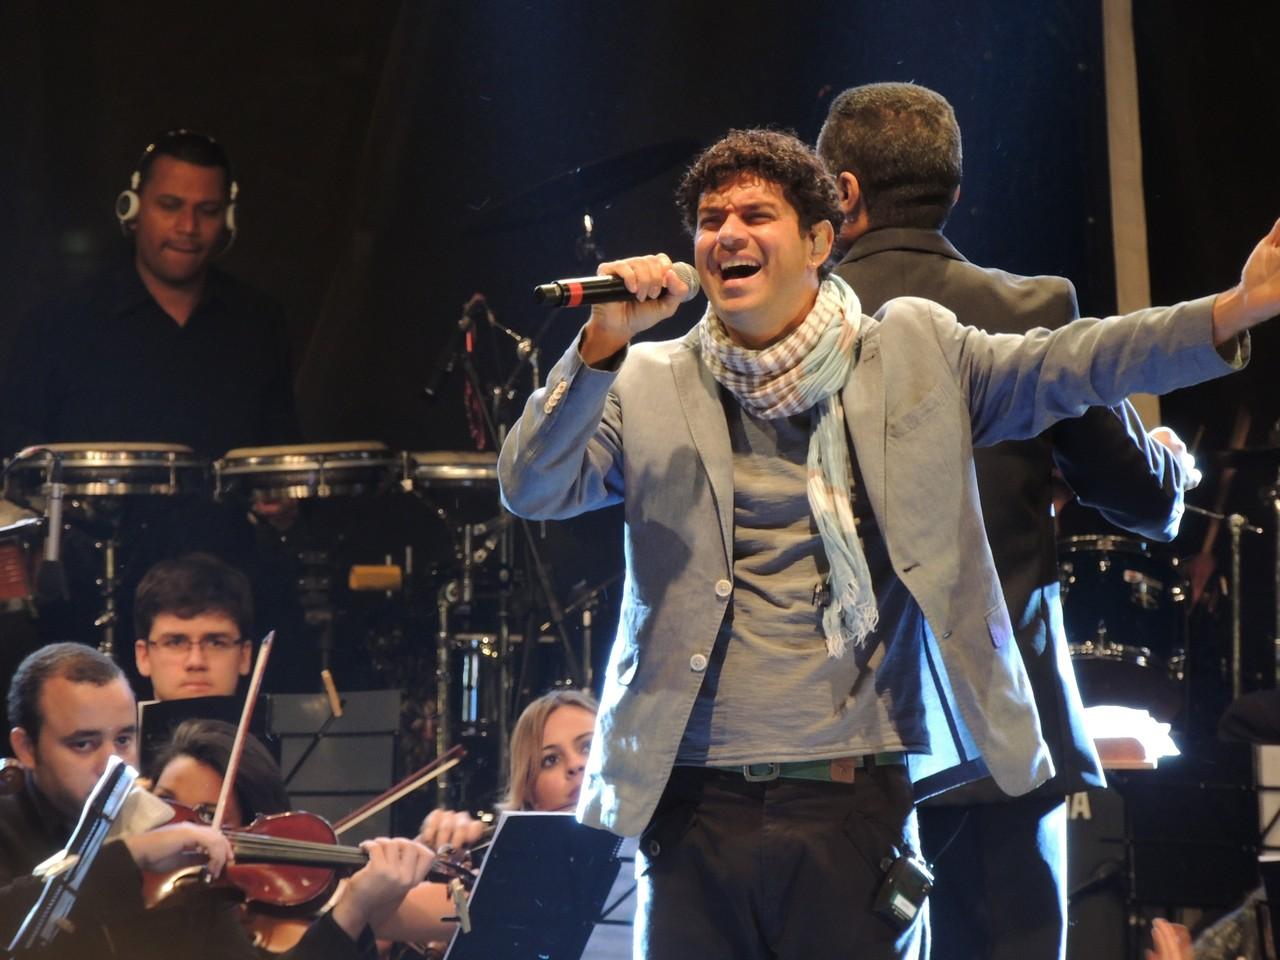 dscn1240 - CAMINHOS DO FRIO: Jorge Vercillo faz show neste sábado em Remígio, PB